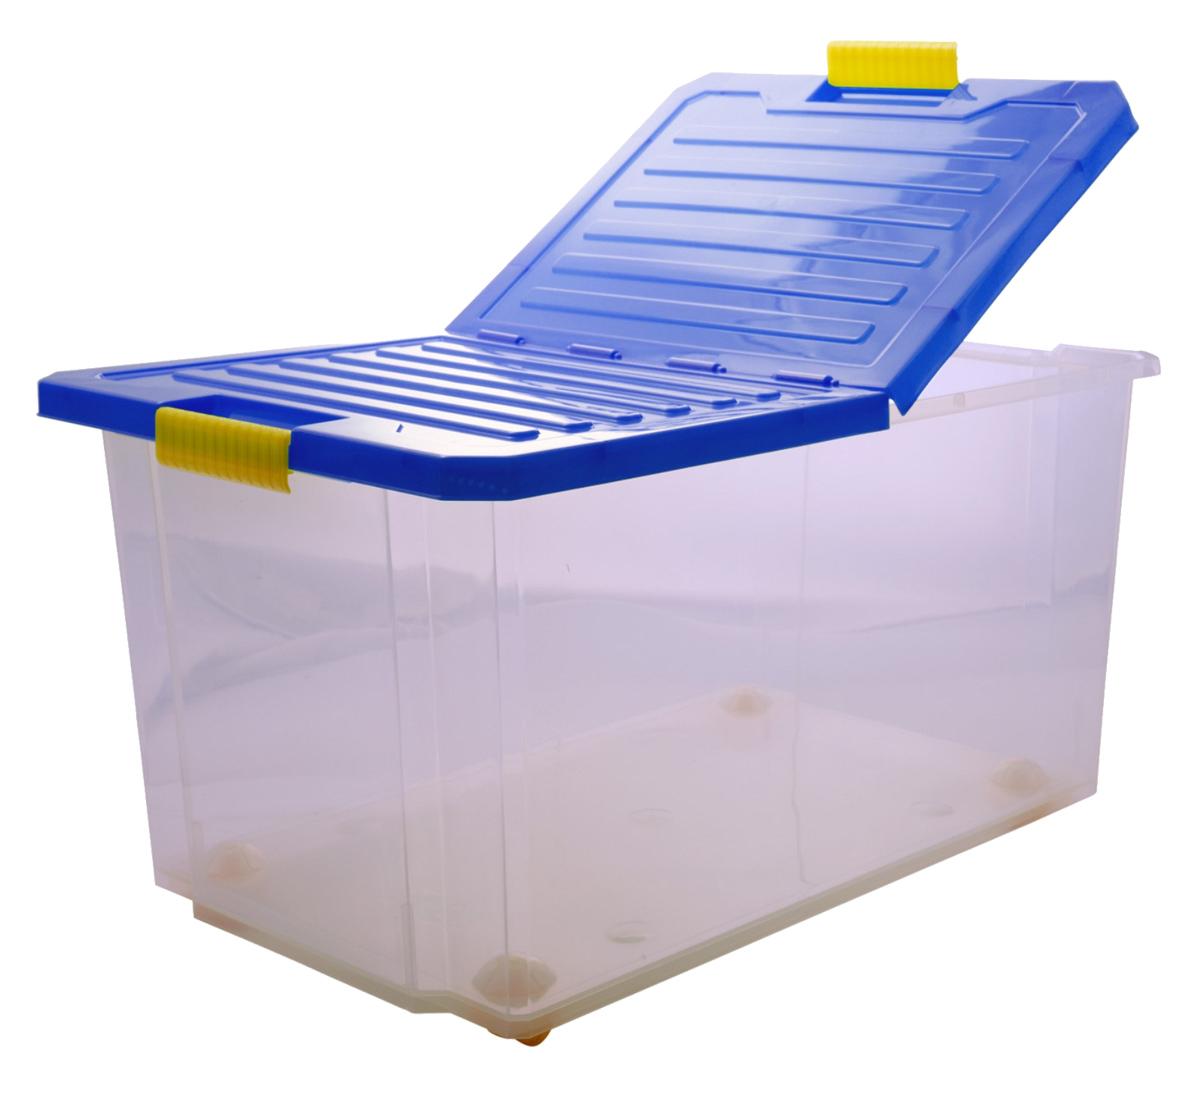 Ящик для хранения BranQ Unibox, на колесиках, цвет: синий, прозрачный, 57 л1004900000360Универсальный ящик для хранения BranQ Unibox, выполненный из прочного пластика, поможет правильно организовать пространство в доме и сэкономить место. В нем можно хранить все, что угодно: одежду, обувь, детские игрушки и многое другое. Прочный каркас ящика позволит хранить как легкие вещи, так и переносить собранный урожай овощей или фруктов. Изделие оснащено складной крышкой, которая защитит вещи от пыли, грязи и влаги. С помощью колесиков на дне изделия ящик легко перемещать по комнате. Эргономичные ручки-защелки, позволяют переносить ящик как с крышкой, так и без нее.